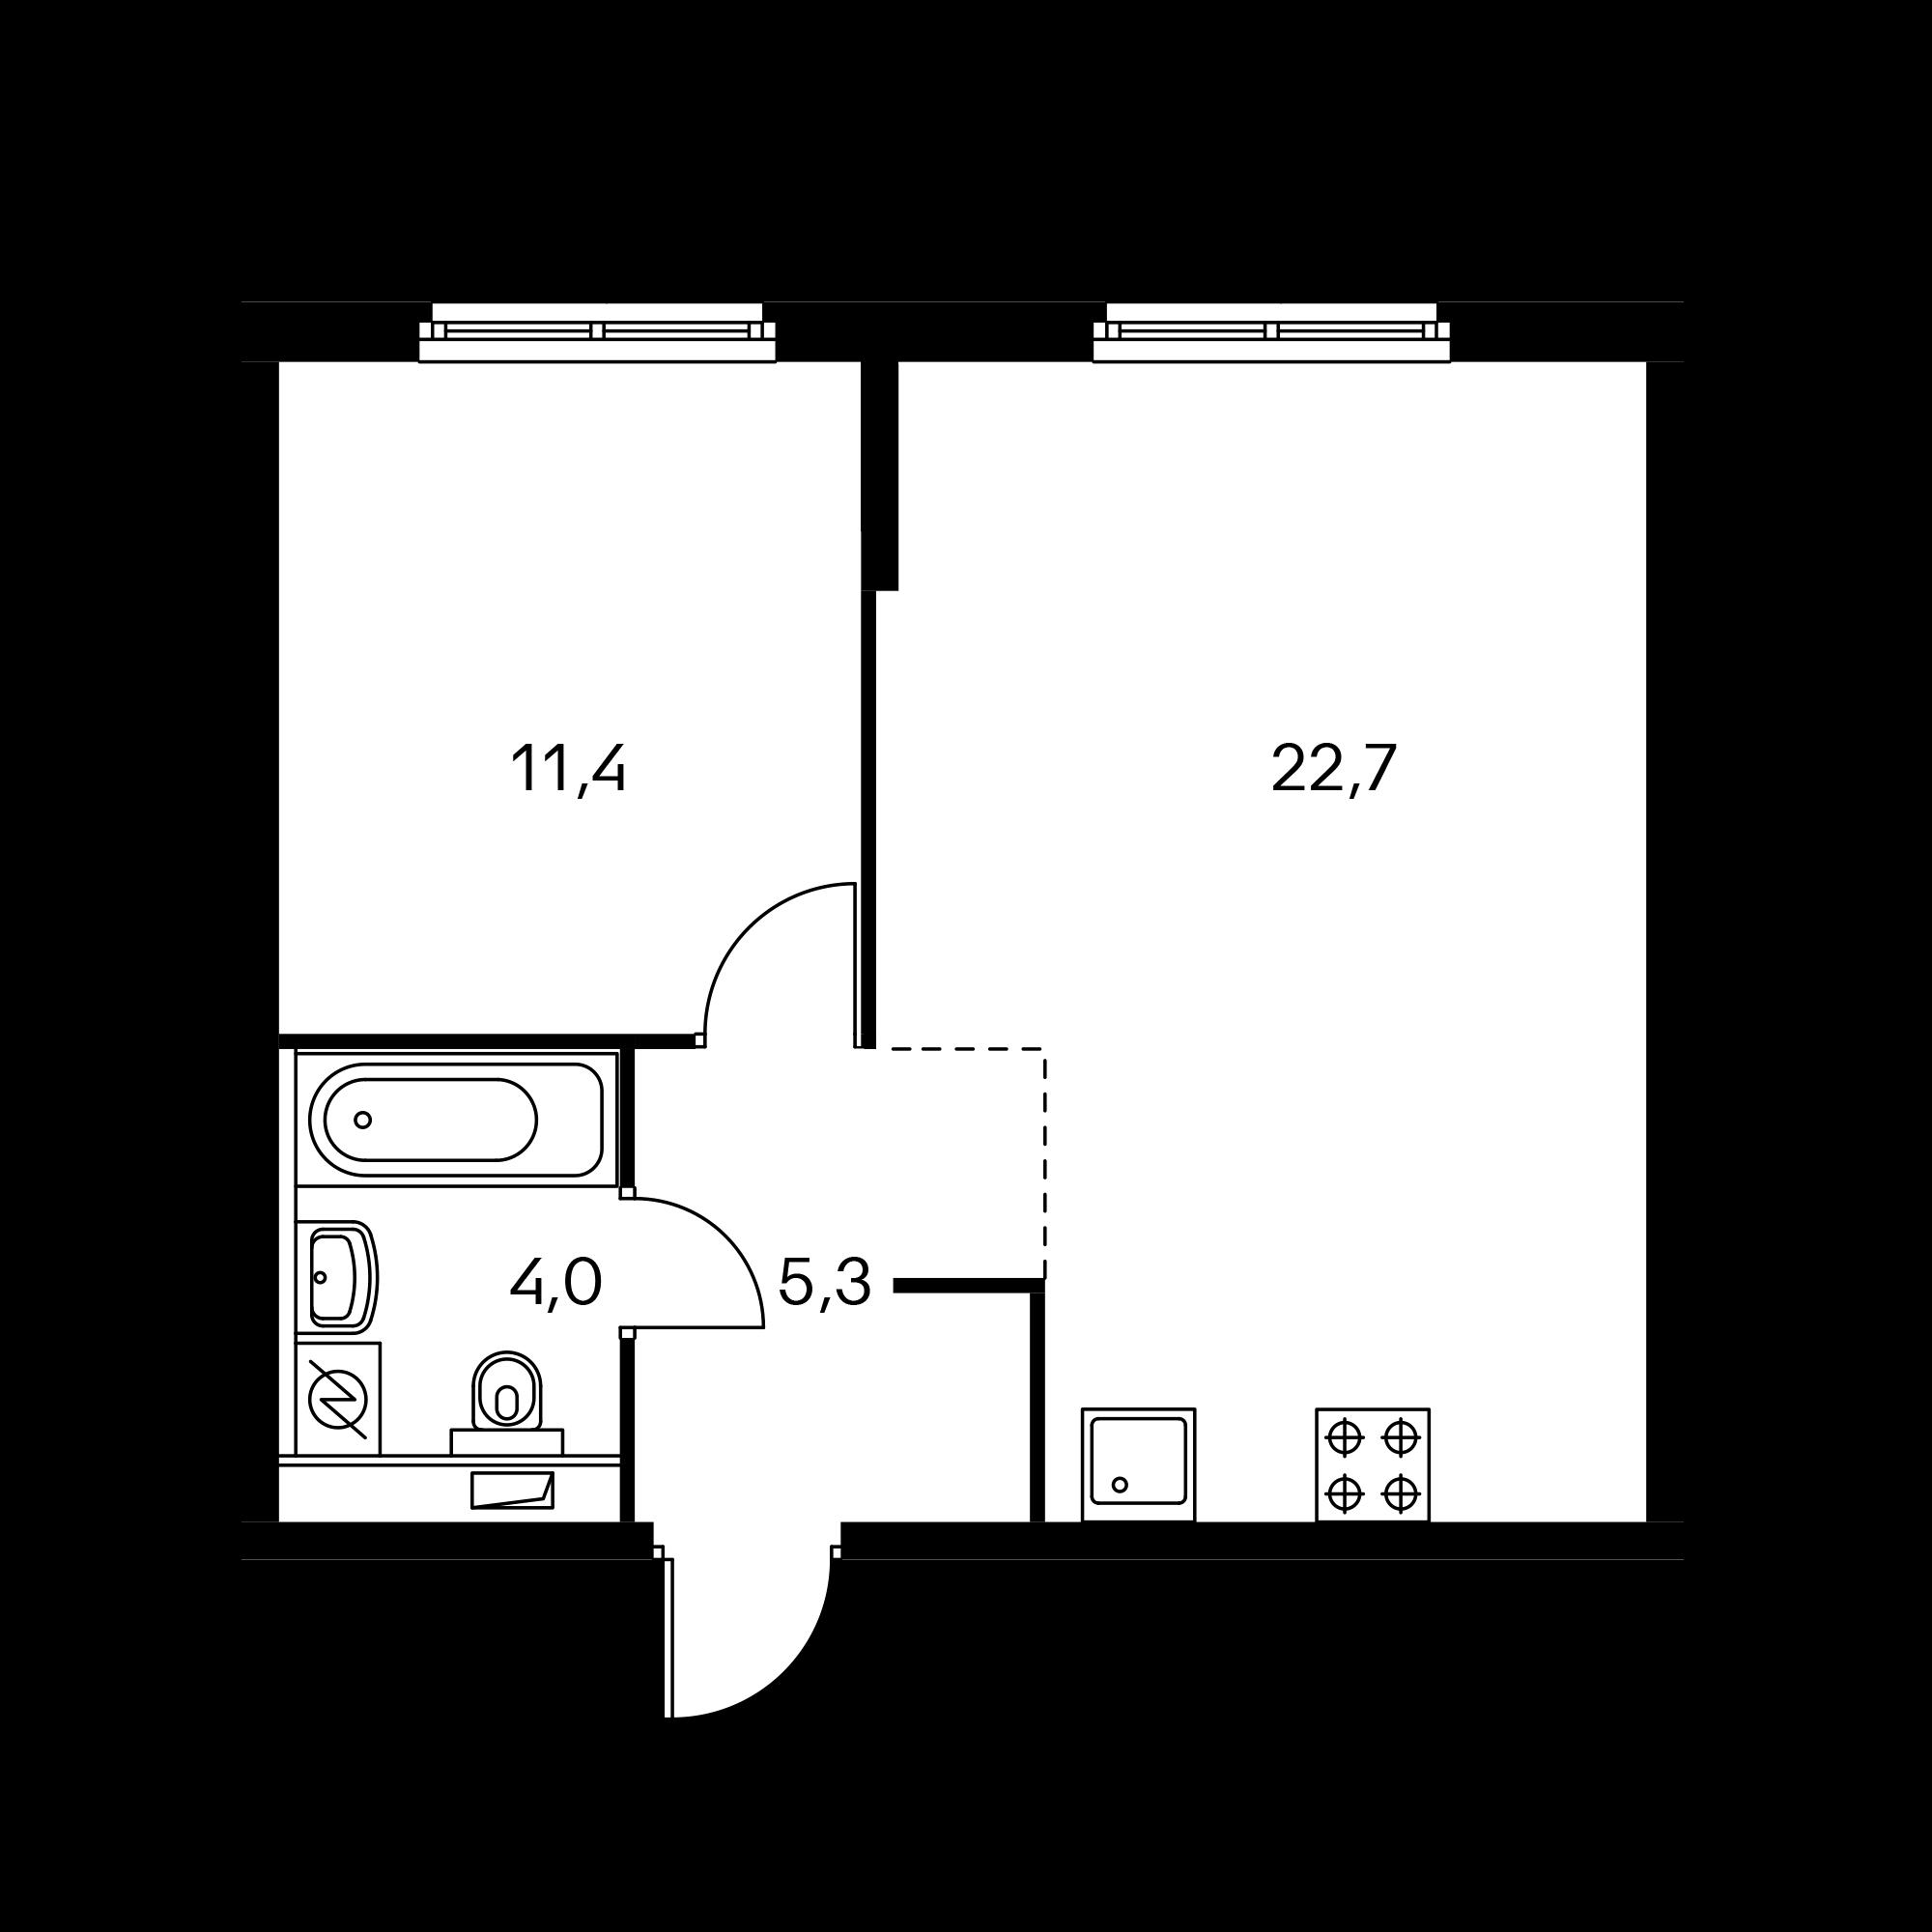 1EL3_7.5-1_S_Z*